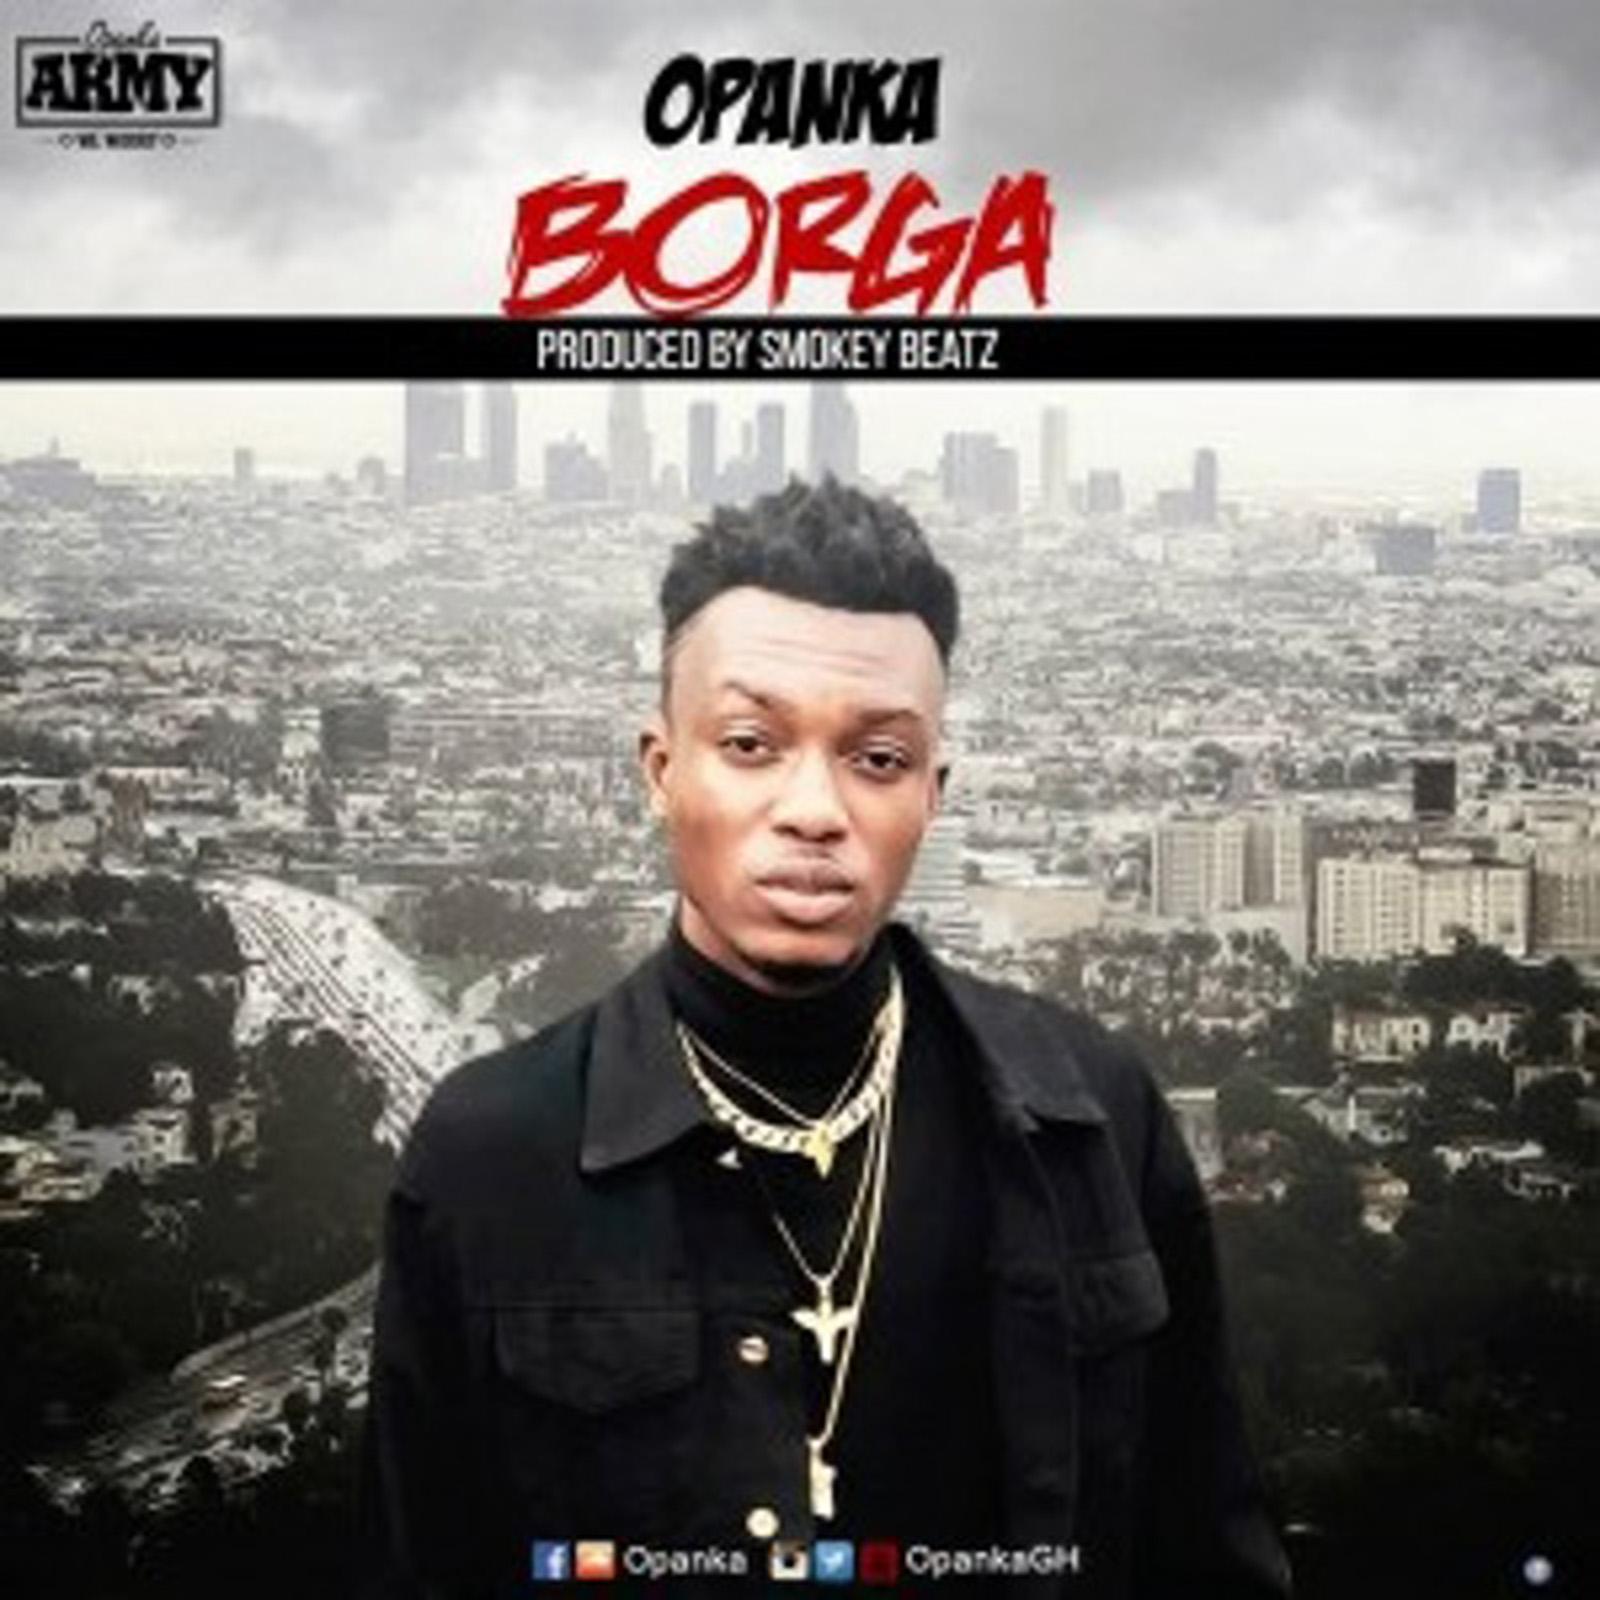 Borga by Opanka